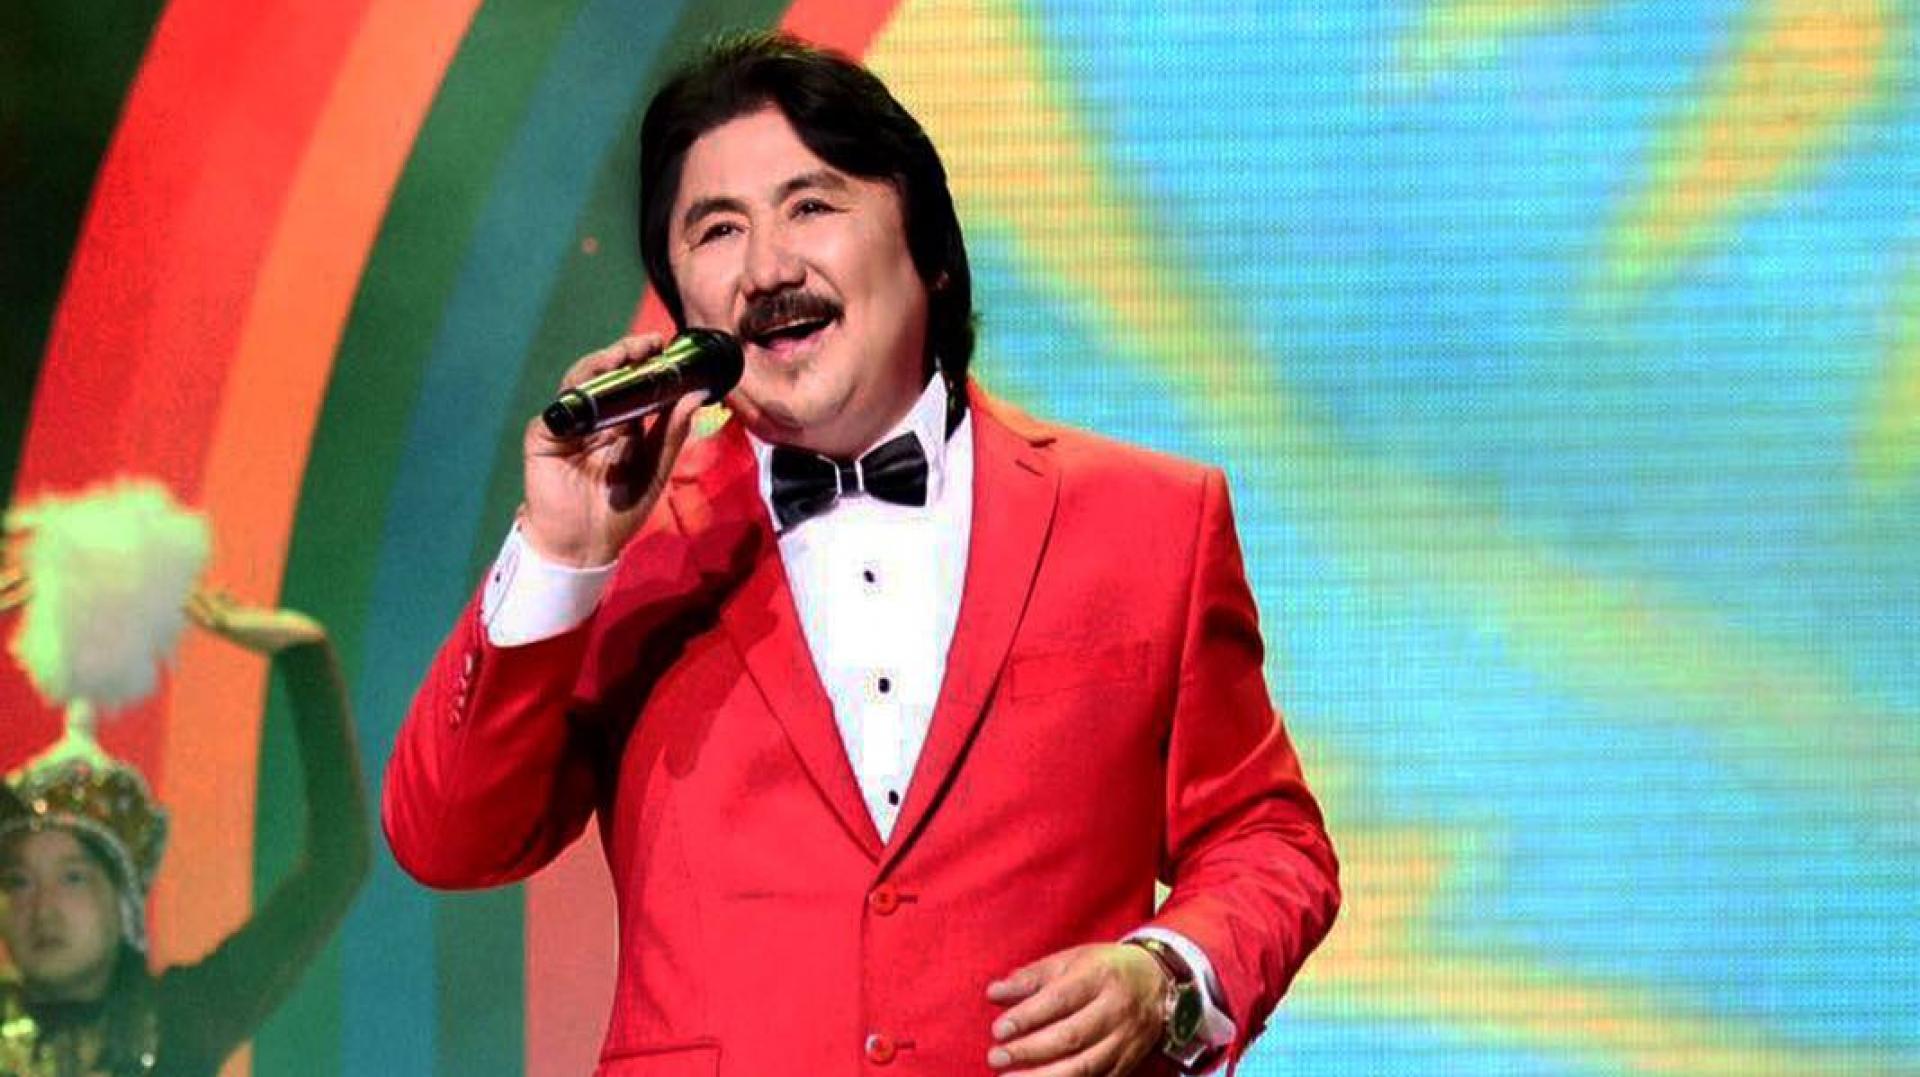 столбе фото известных певцов в казахстане погода красной